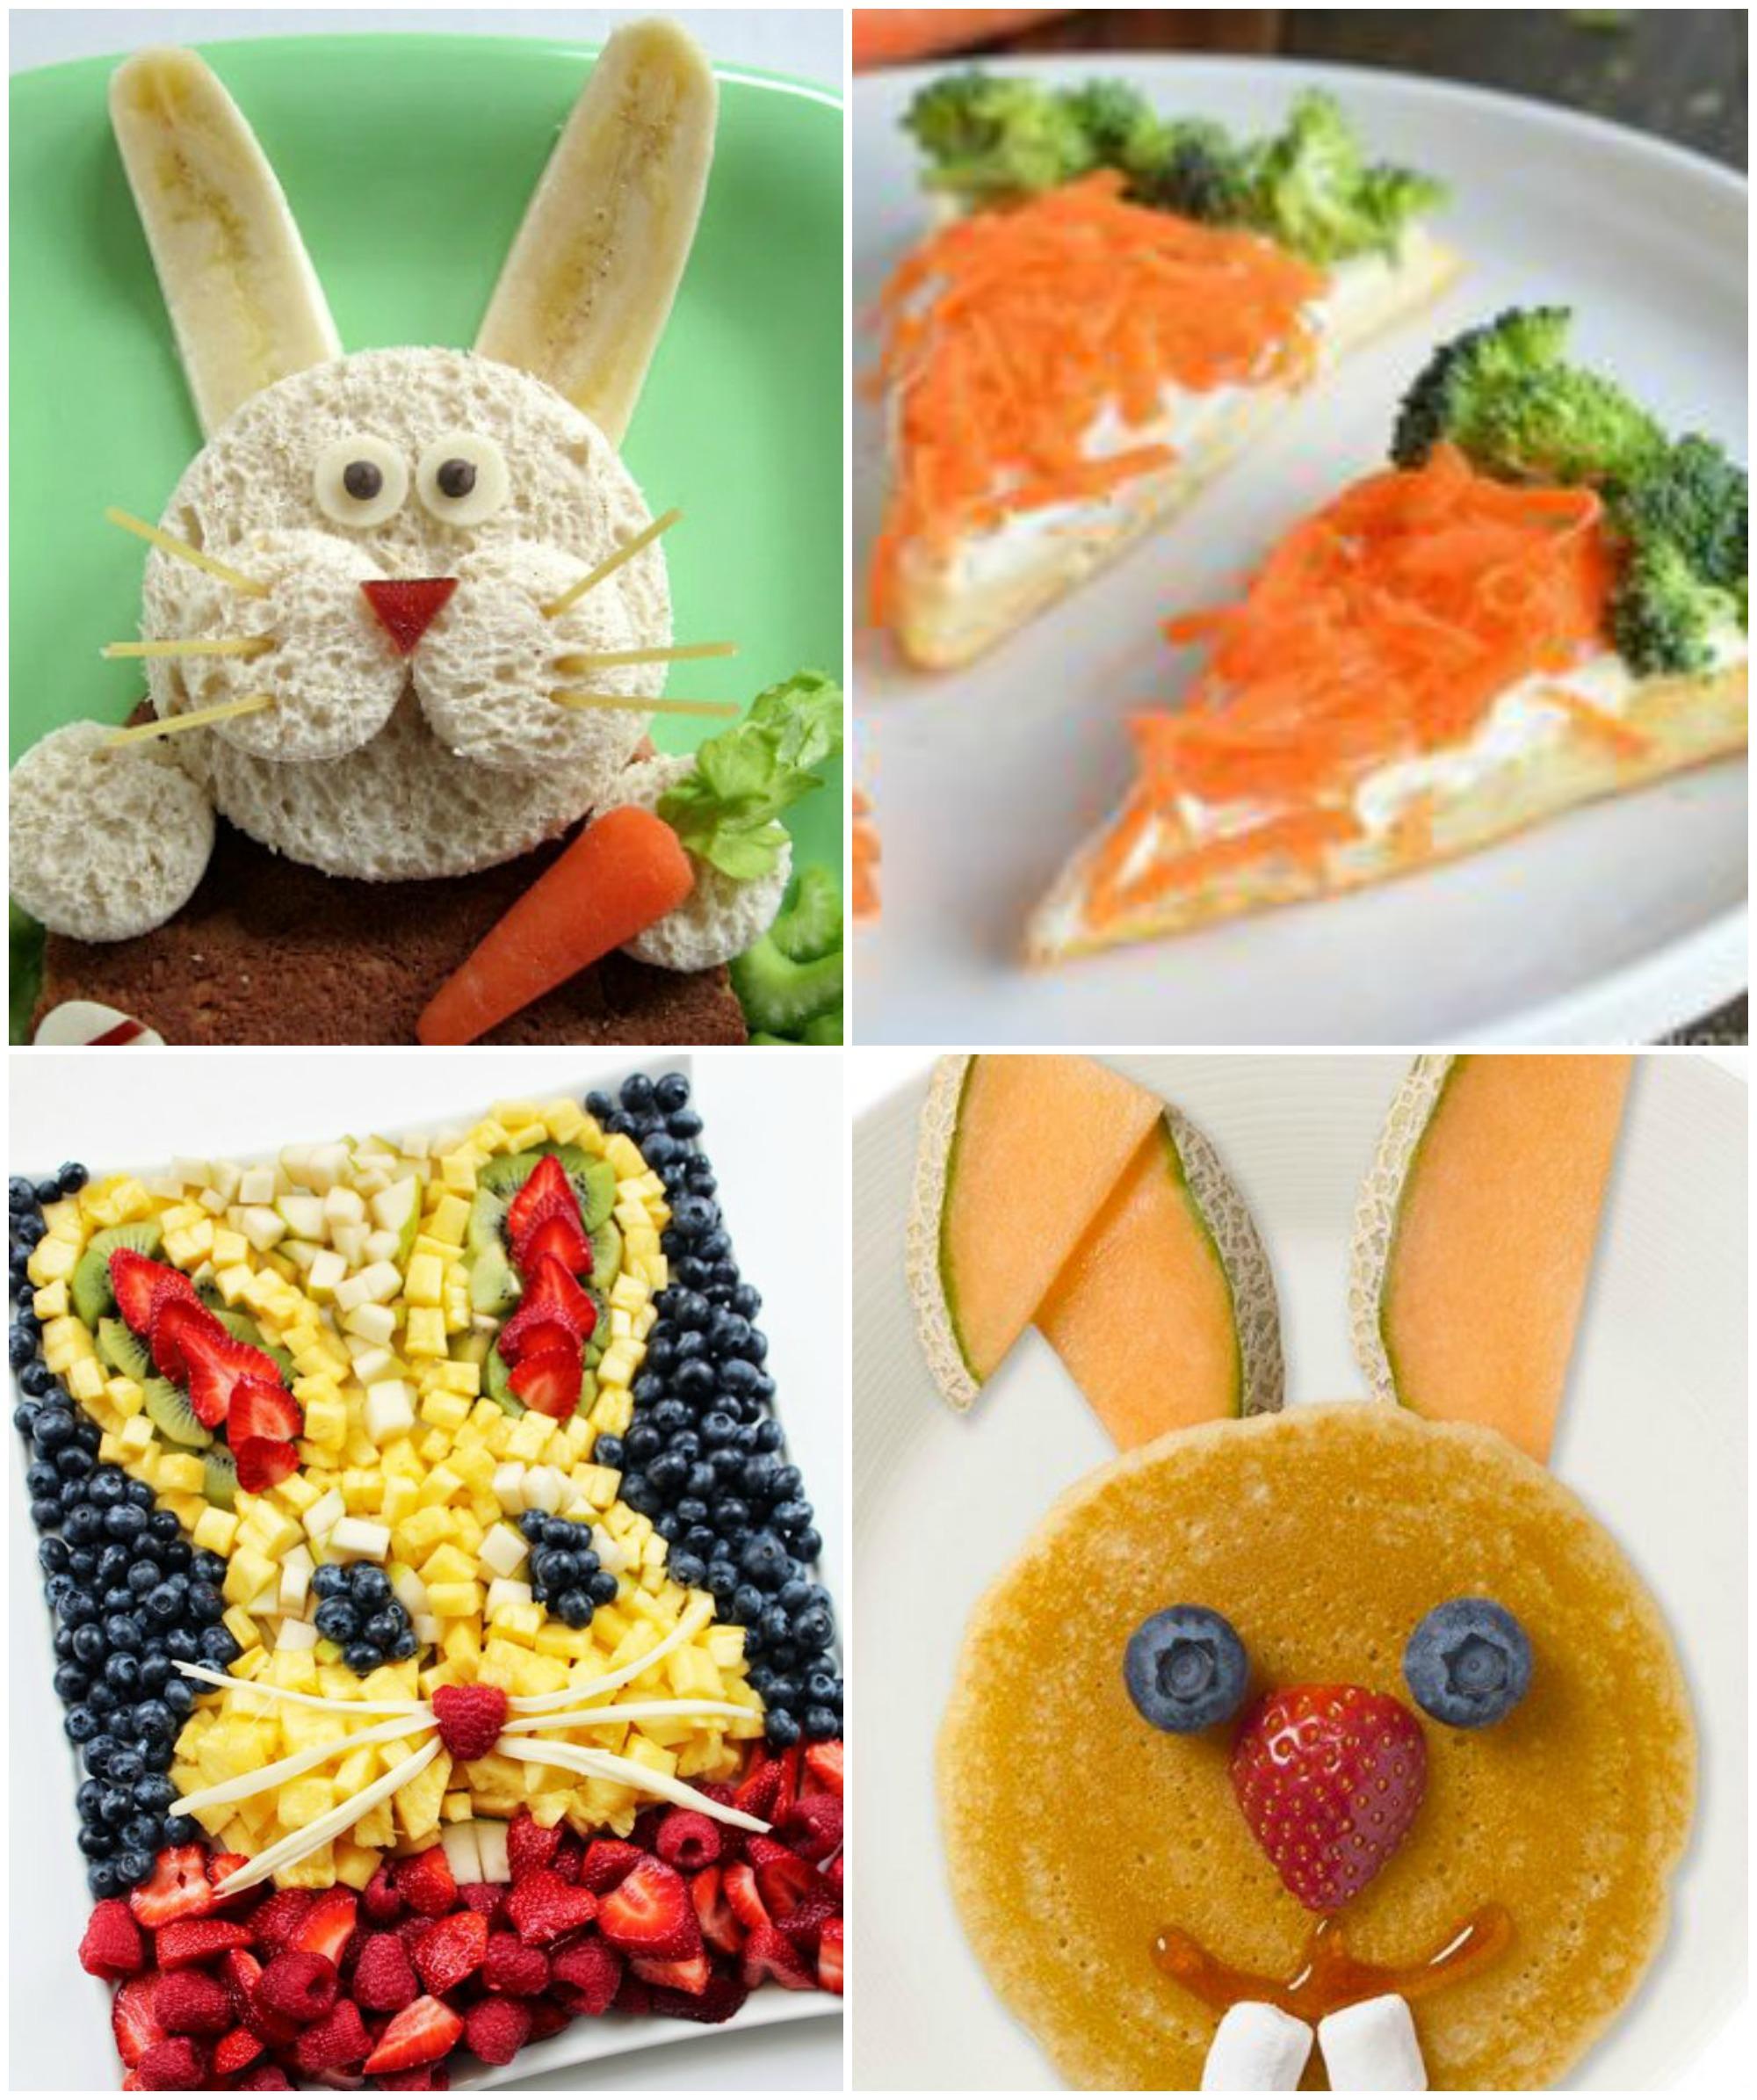 Ideias de comida enfeitada para a Páscoa